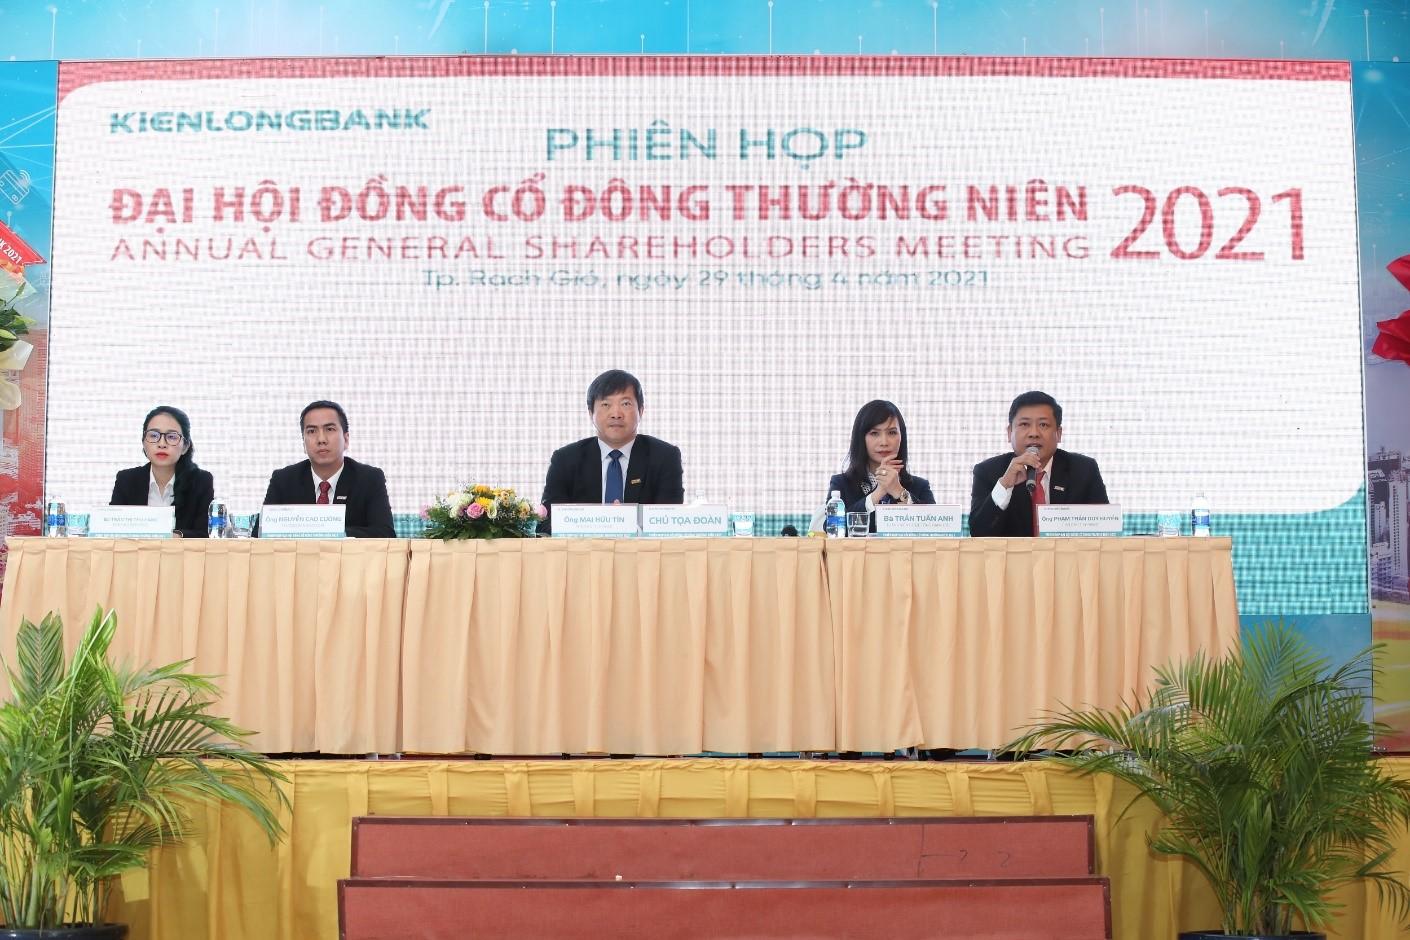 Ngân hàng TMCP Kiên Long thông qua kế hoạch lợi nhuận trước thuế năm 2021 là 1.000 tỷ, bổ sung tên viết tắt bằng tiếng Anh là KSBank và dự kiến chia cổ tức năm 2021 là 17%